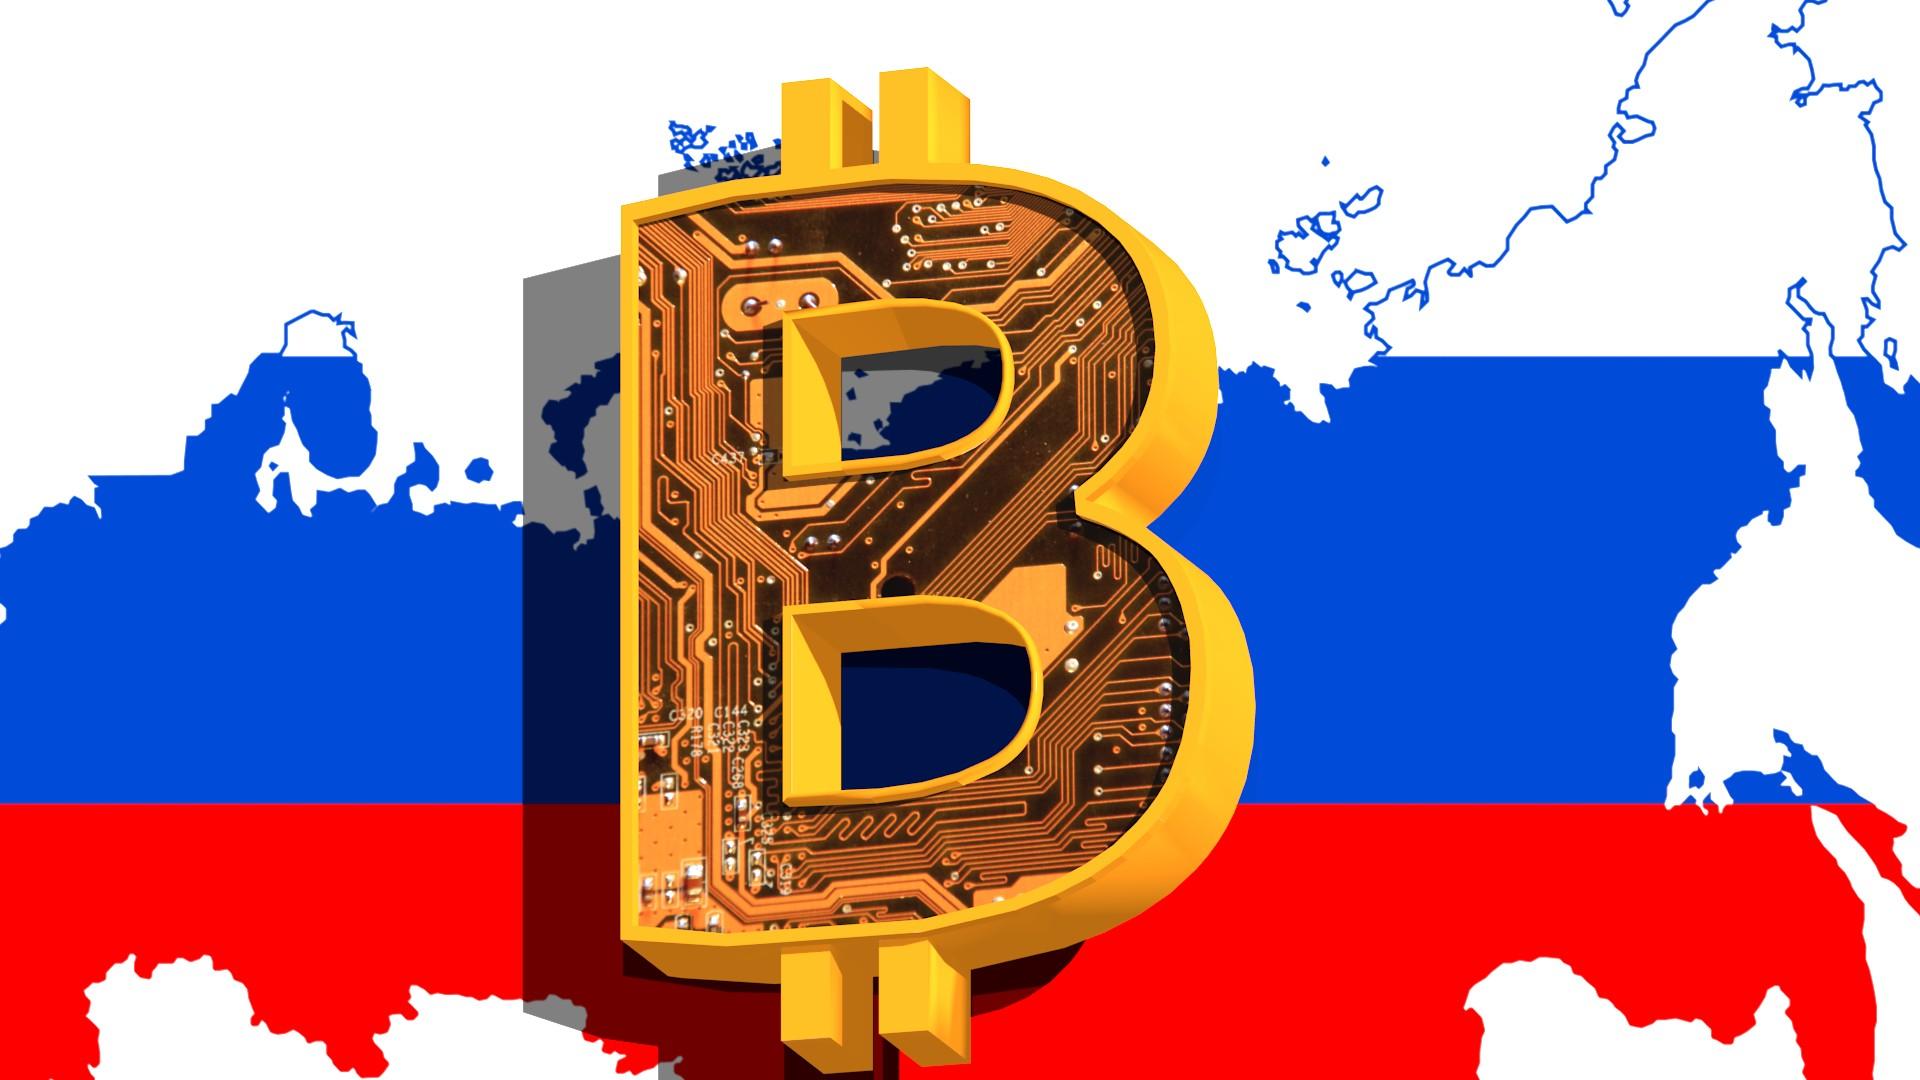 Криптовалюта росии тестер стратегий бинарные опционы